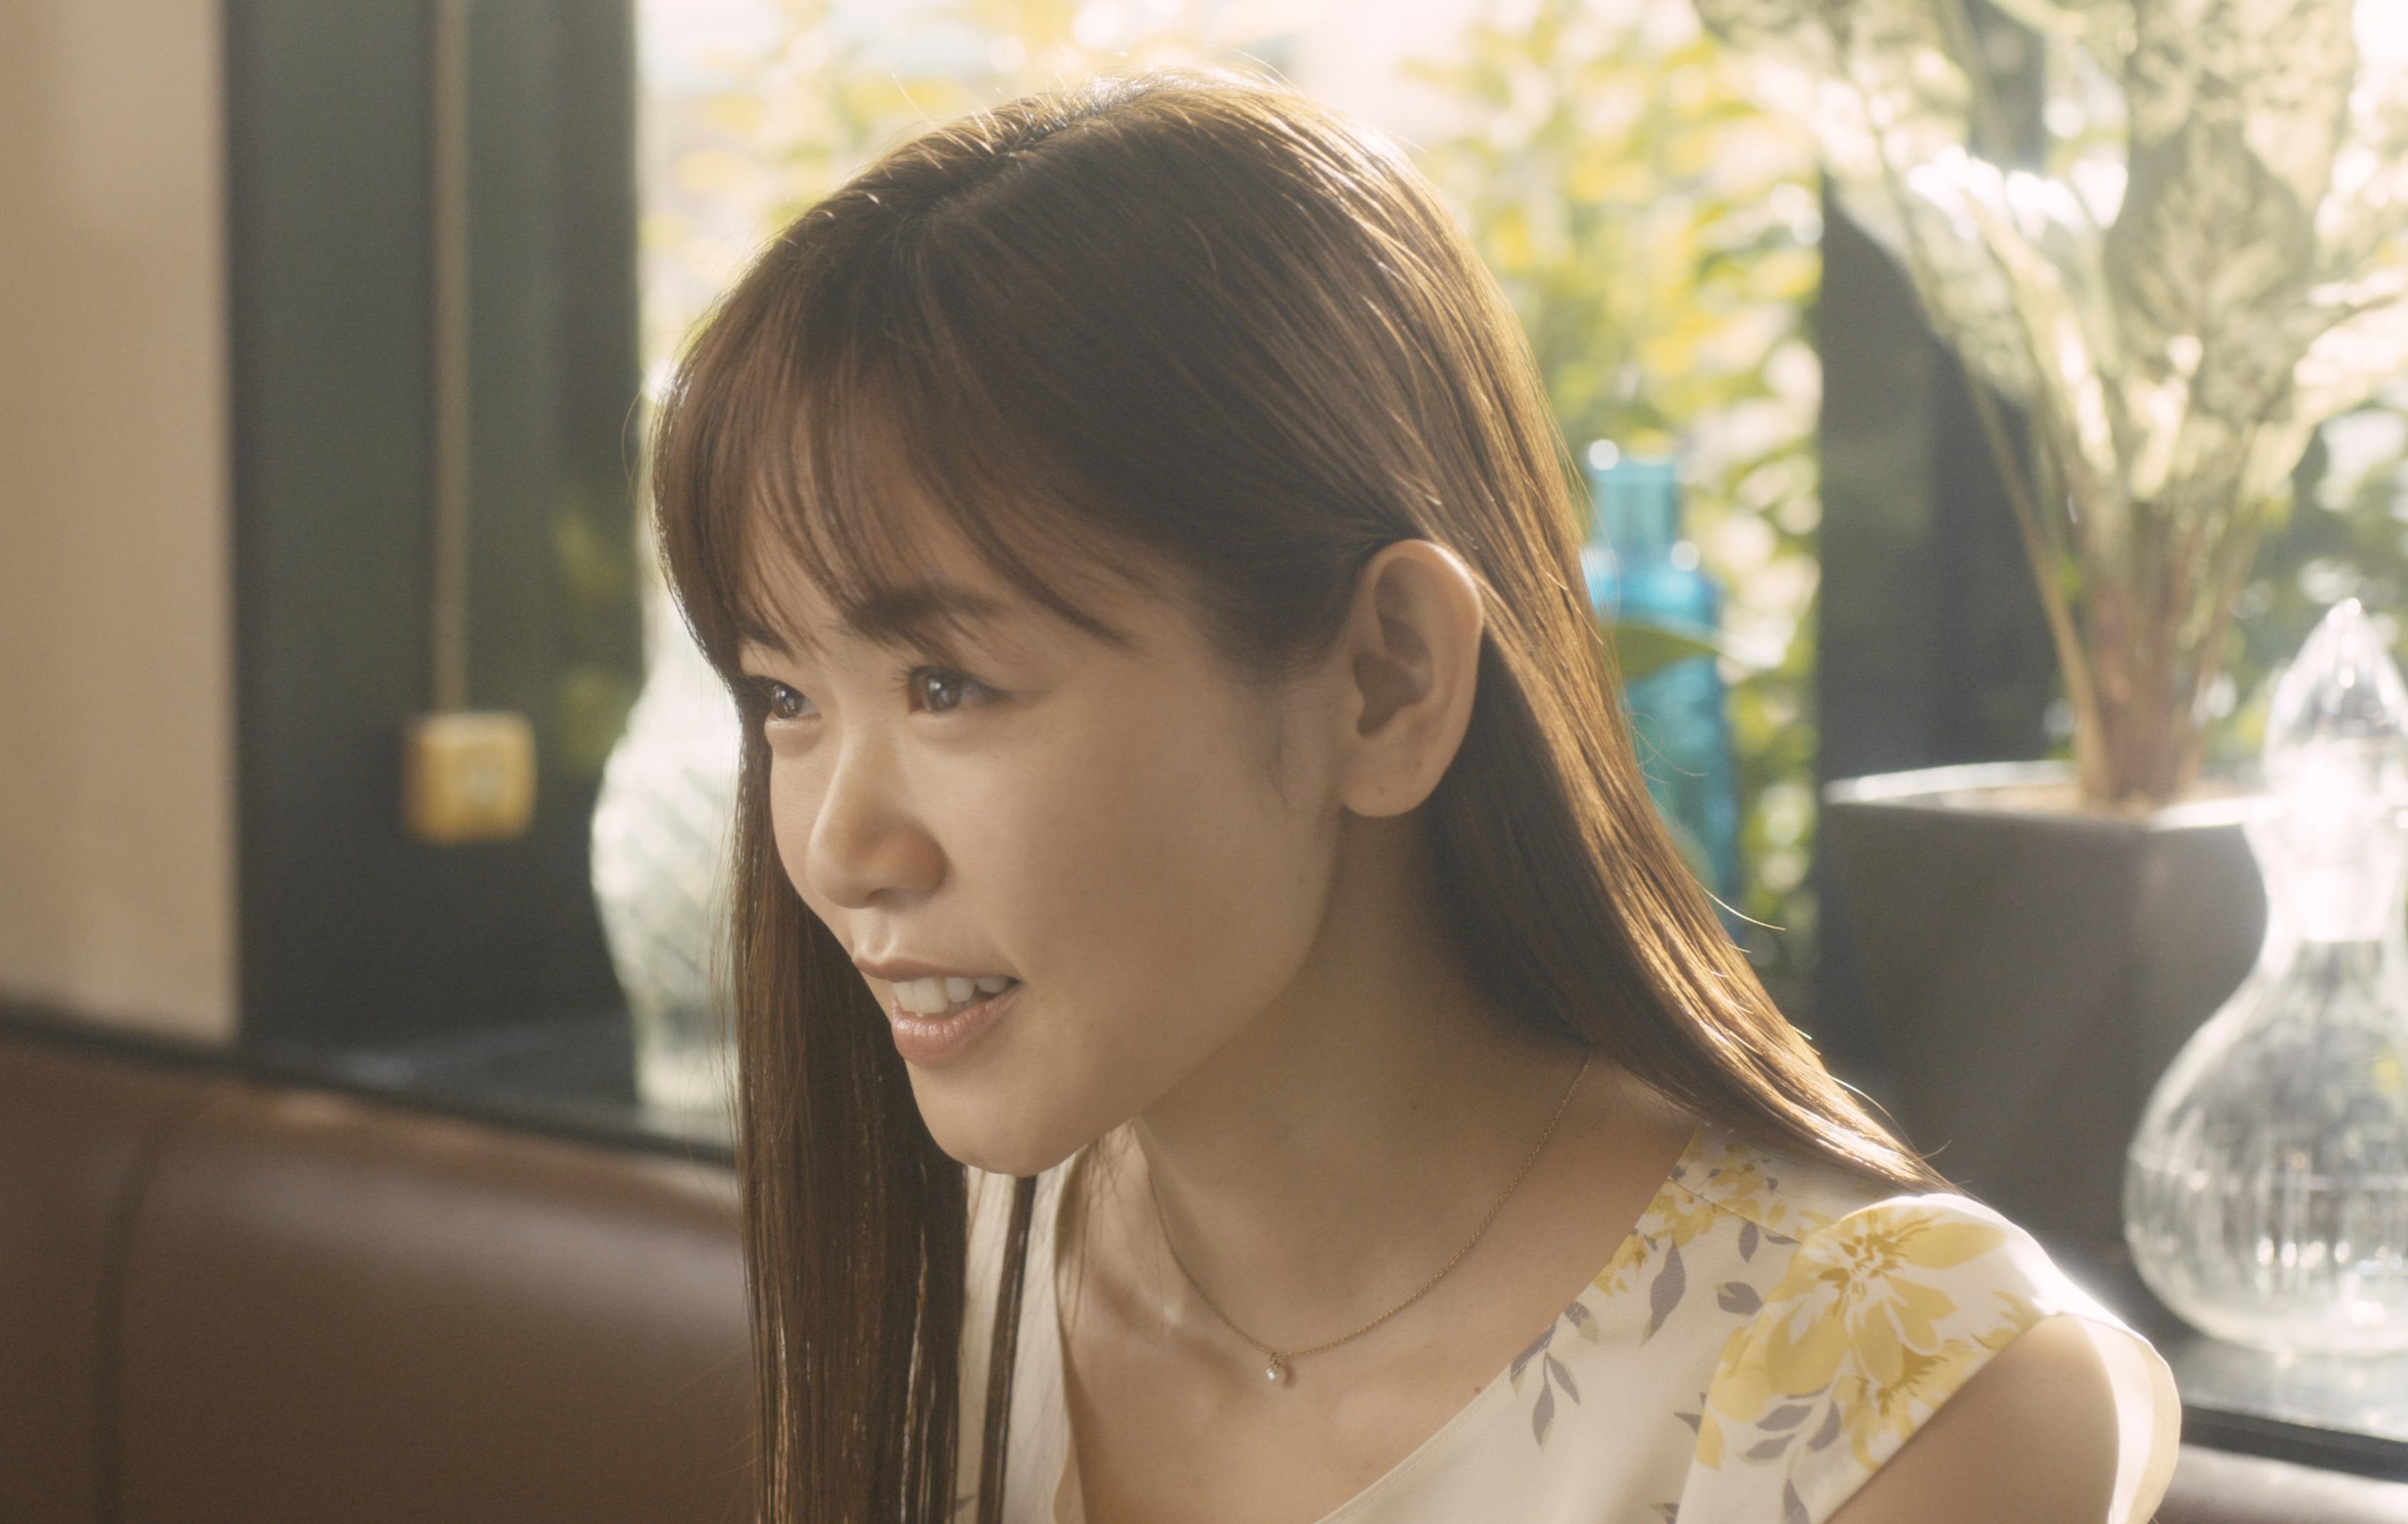 西川加奈子 (C)2019 映画「アンダー・ユア・ベッド」製作委員会